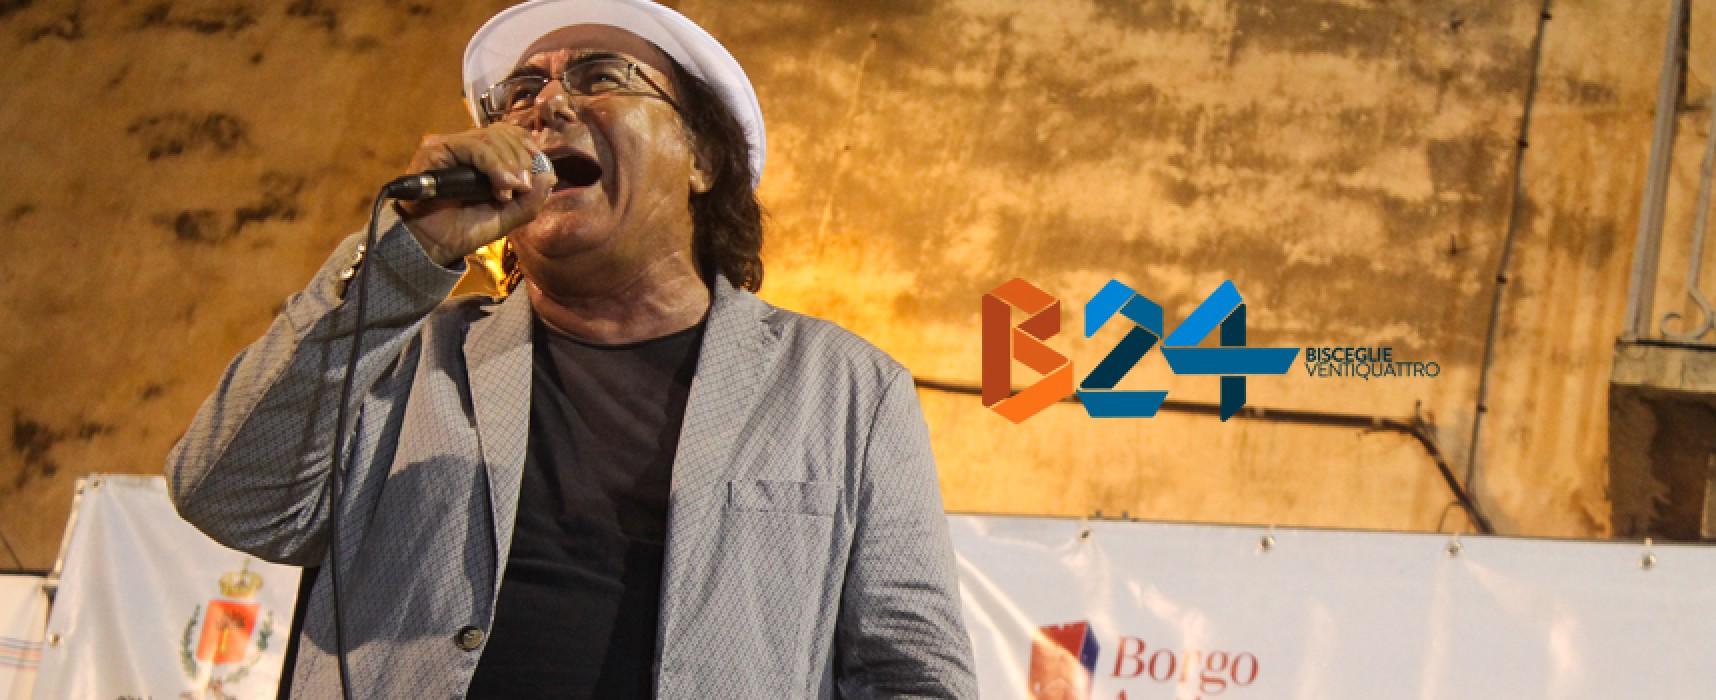 Al Bano canta a Libri nel Borgo Antico, il VIDEO INTEGRALE della performance